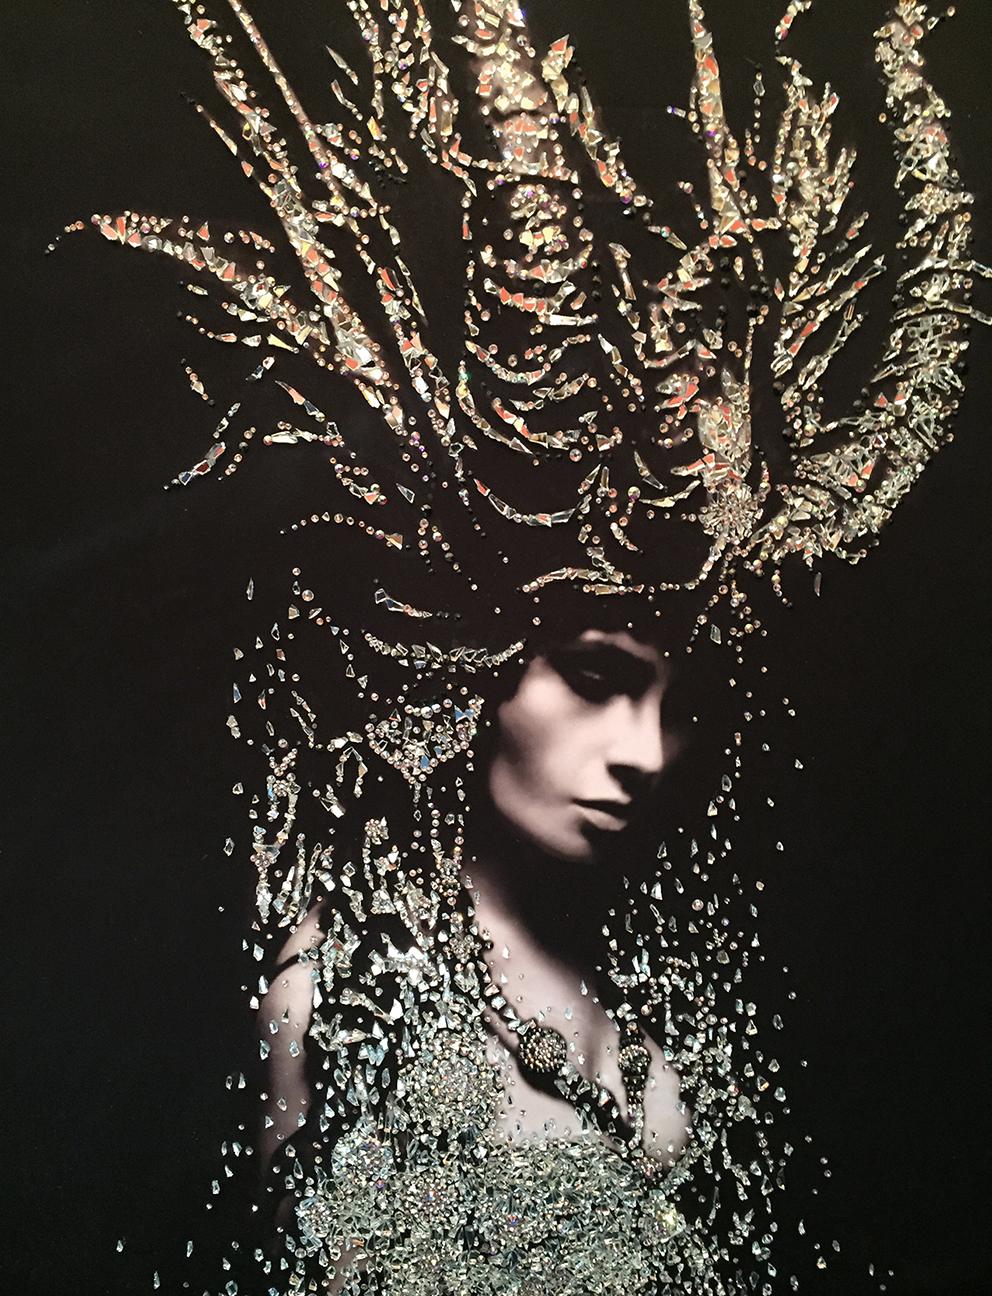 CAPRICORNO - VanitartCollezione Le Regine GuerriereMisura 70x100 cmLavorazione in cristalli Swarovski e Specchi